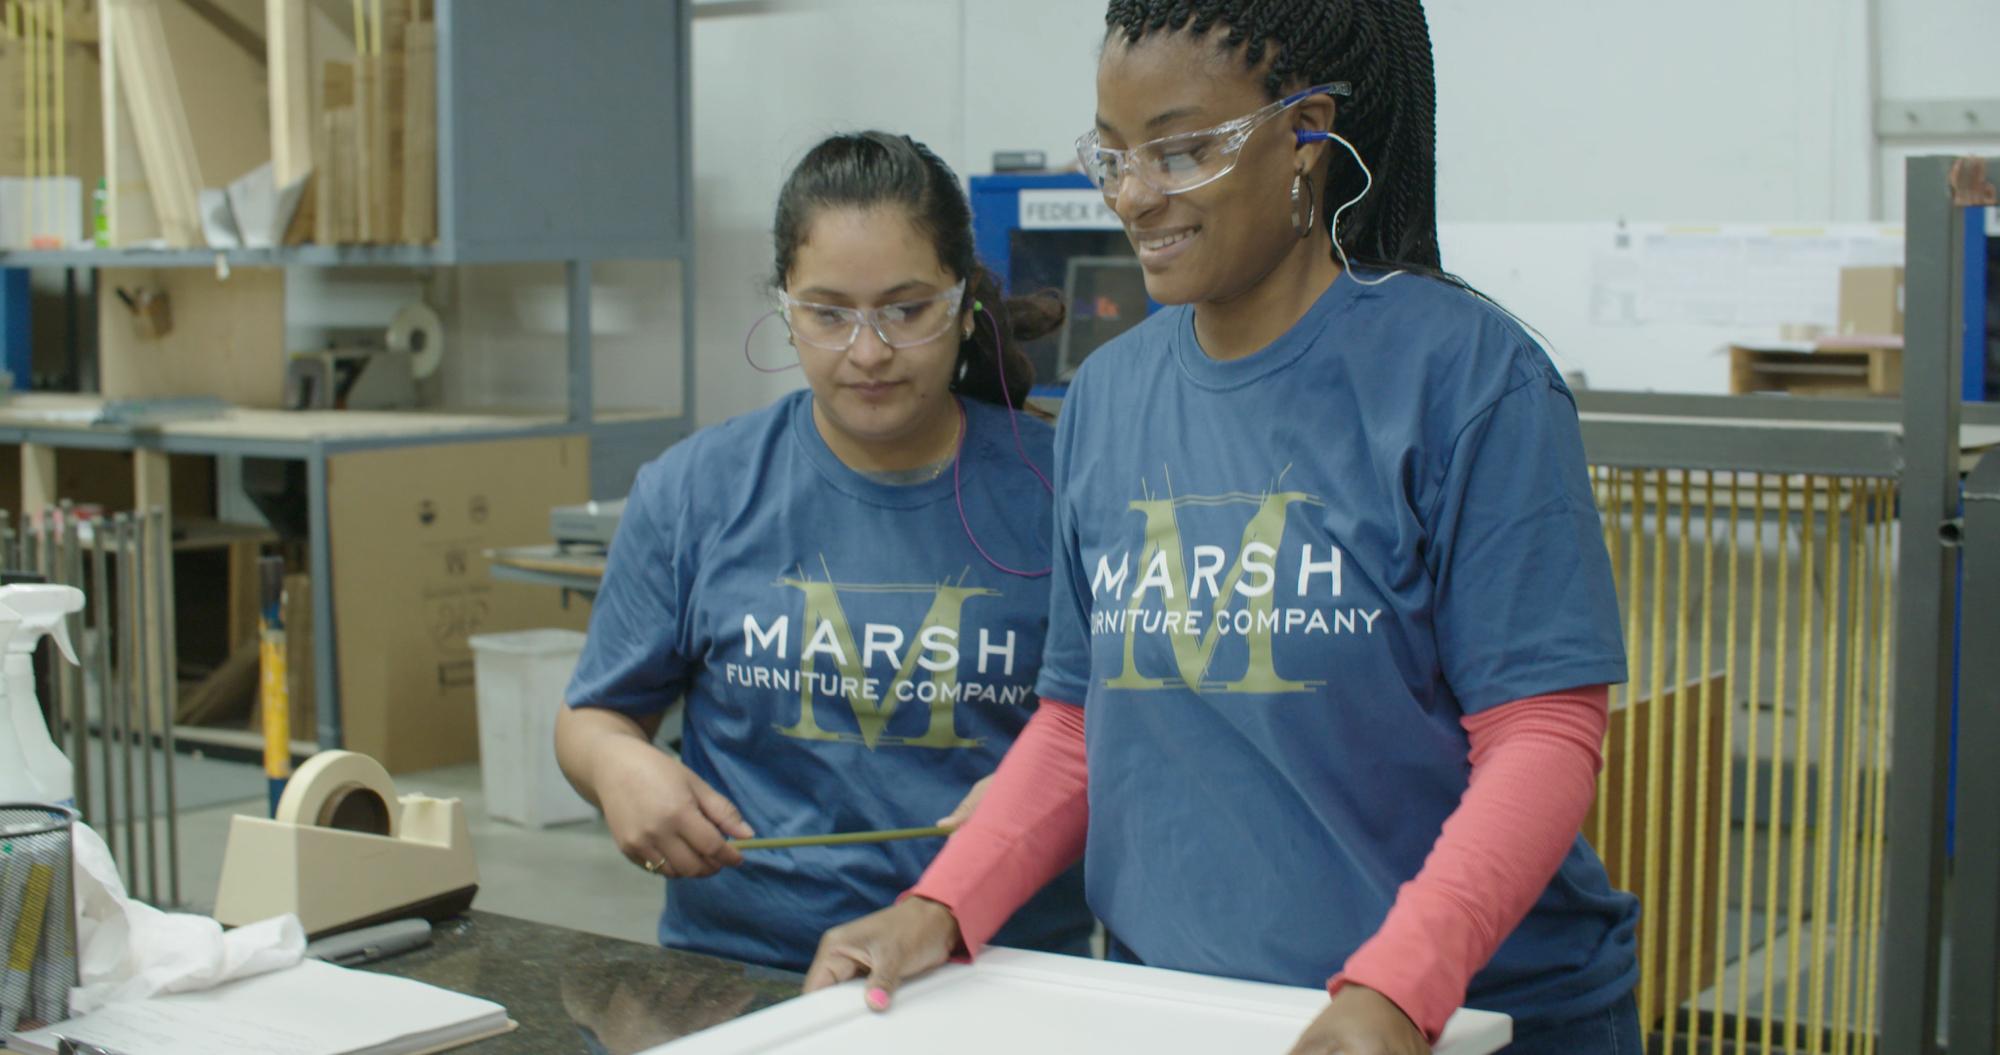 Marsh Furniture employees